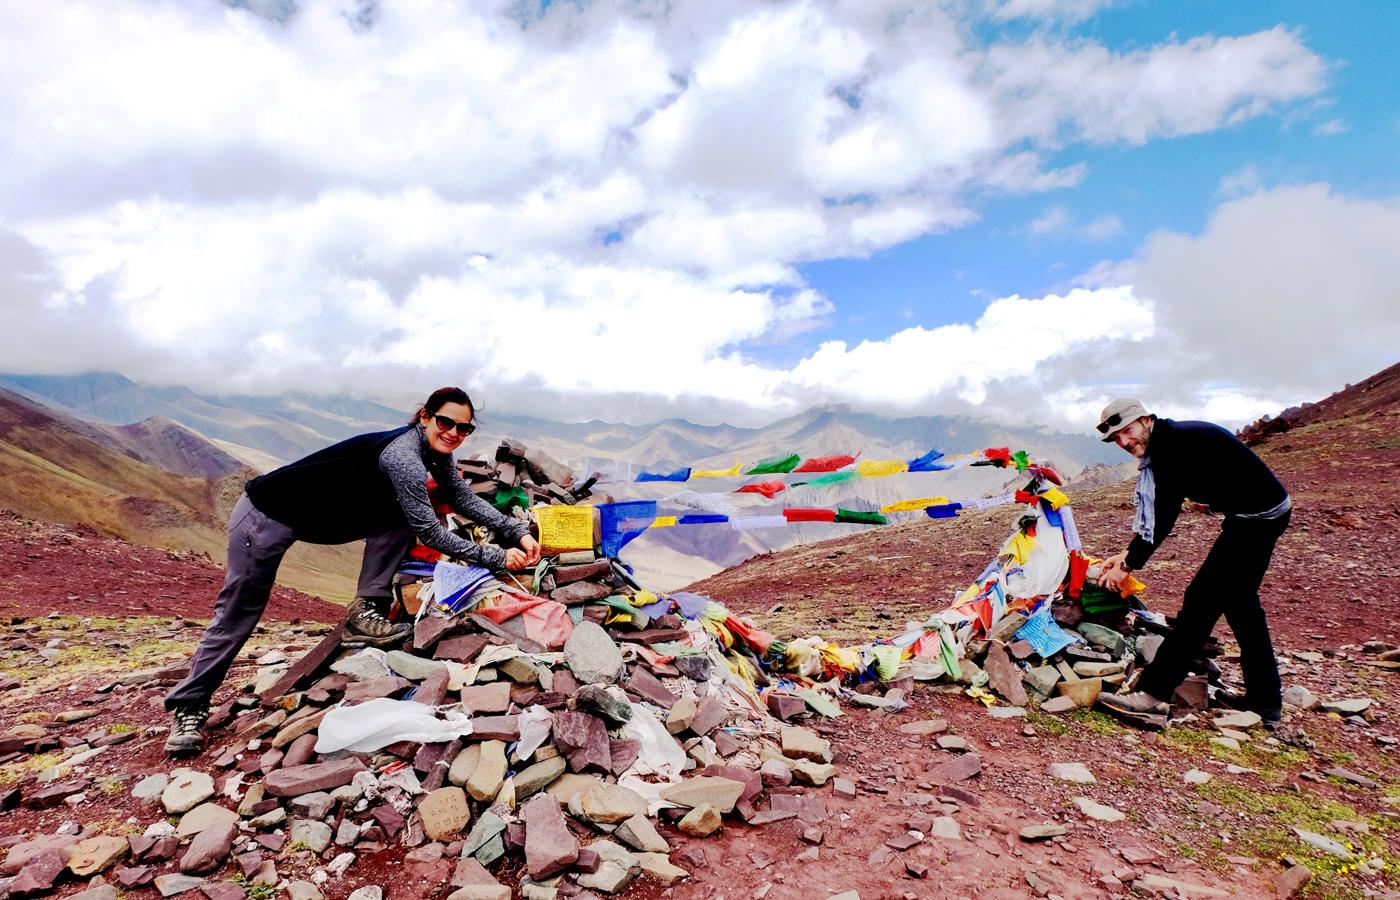 08a_ladakh_trek_5632_new.jpg